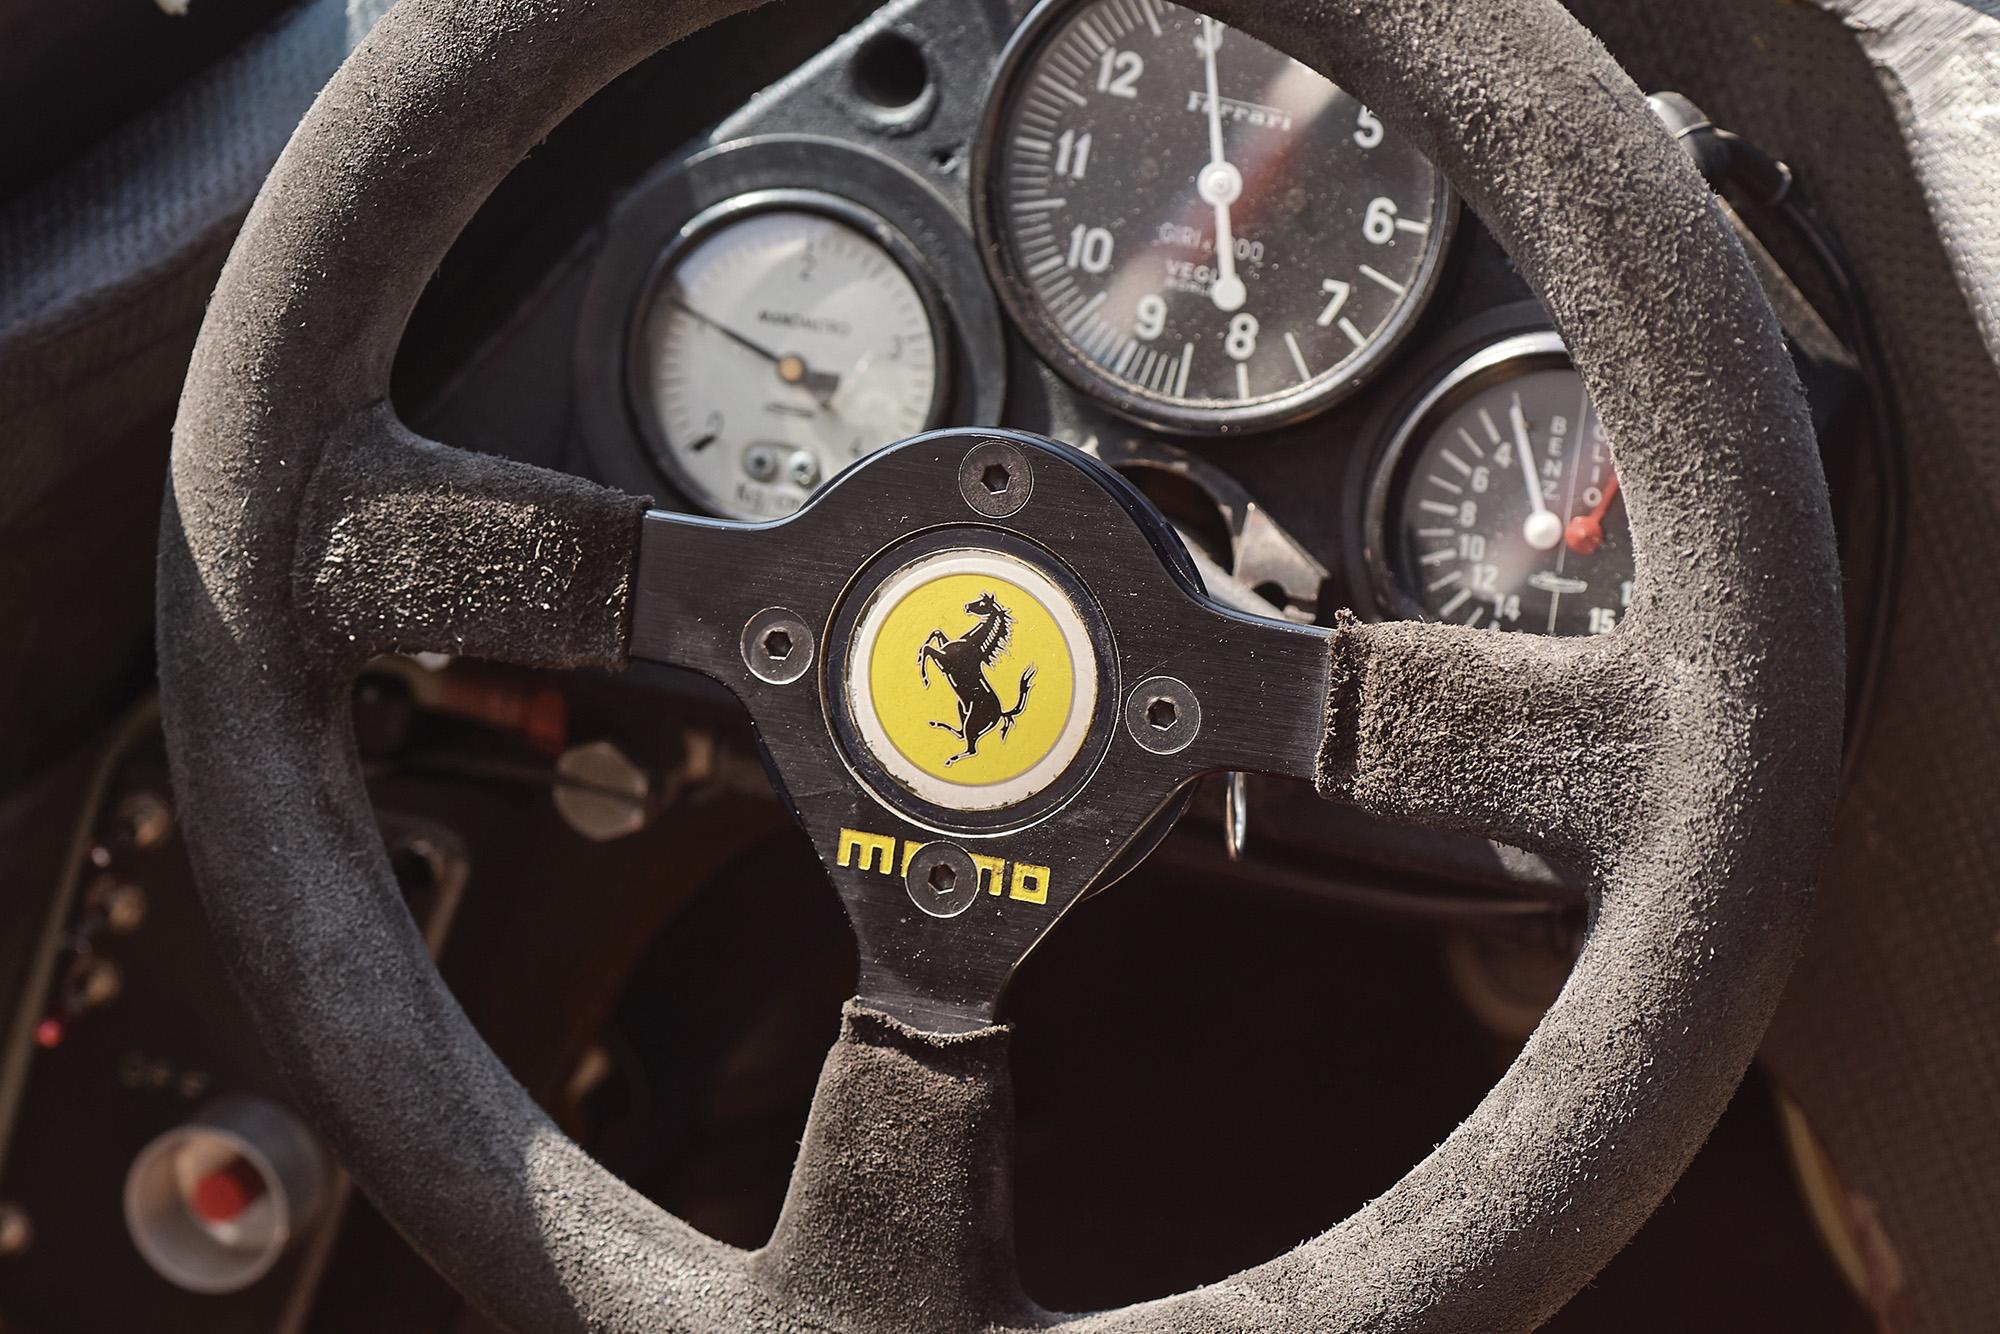 Cockpit of the 1982 F1 Ferrari 126 C2